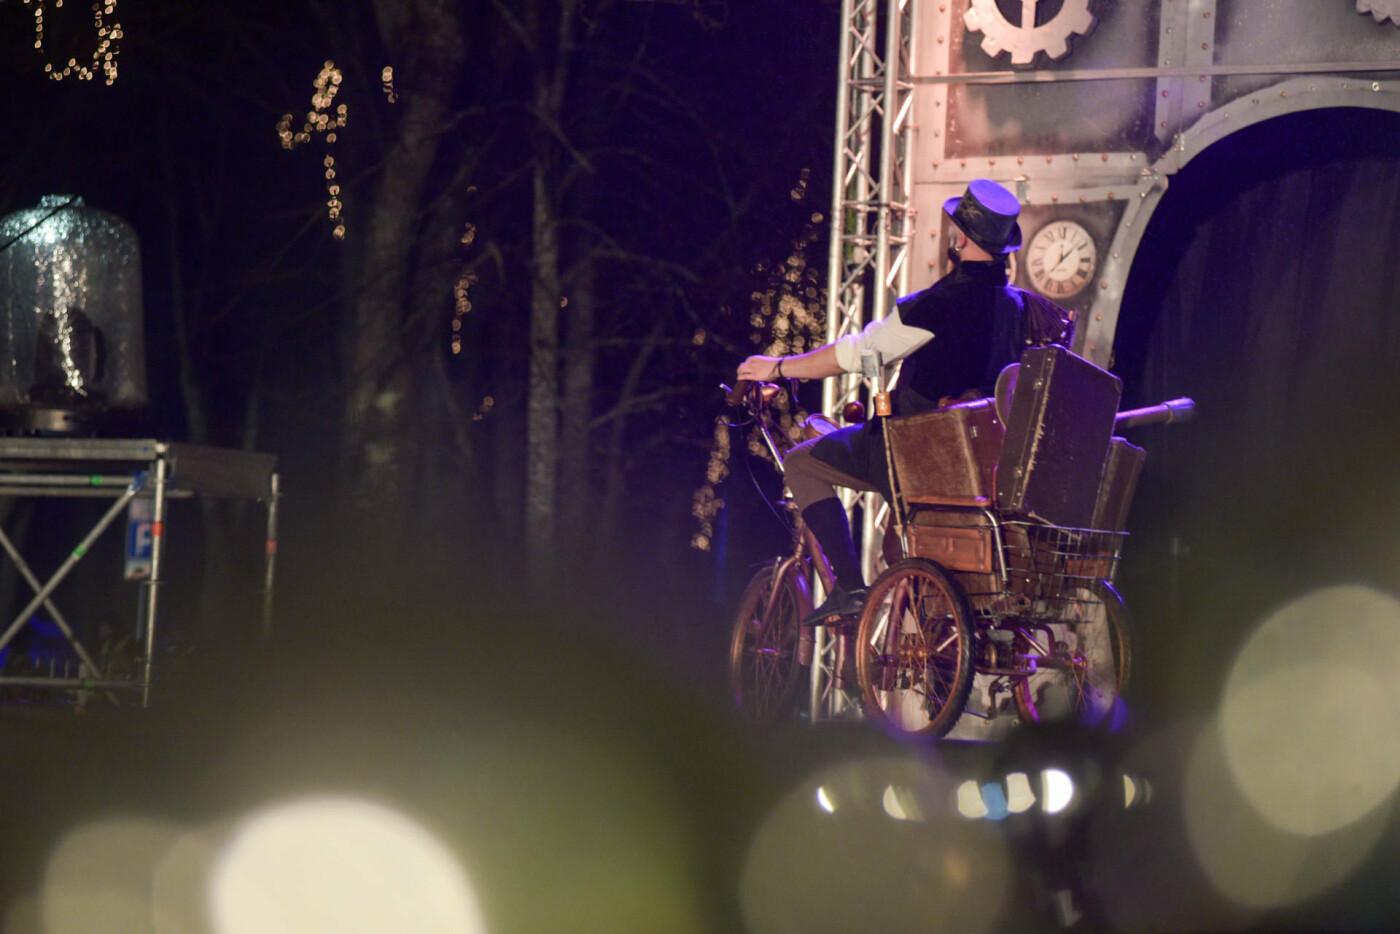 Palangoje įžiebta kalėdinė eglė, K.Bakūno nuotr. / 15min.